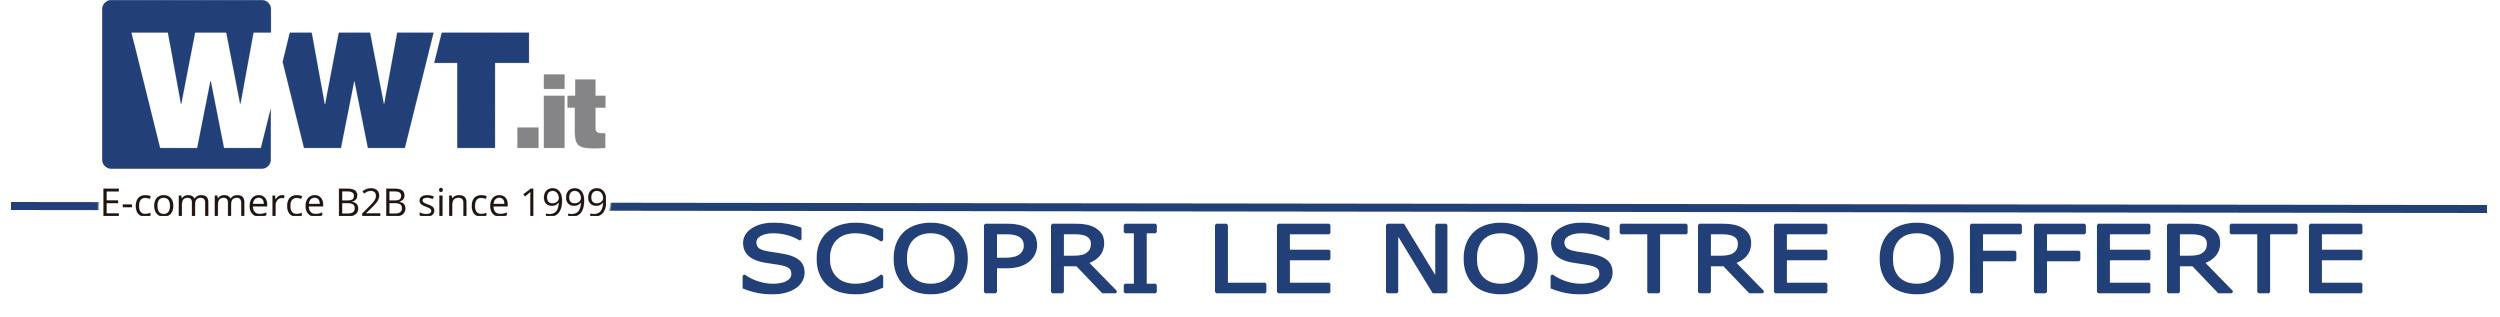 Logo wwt